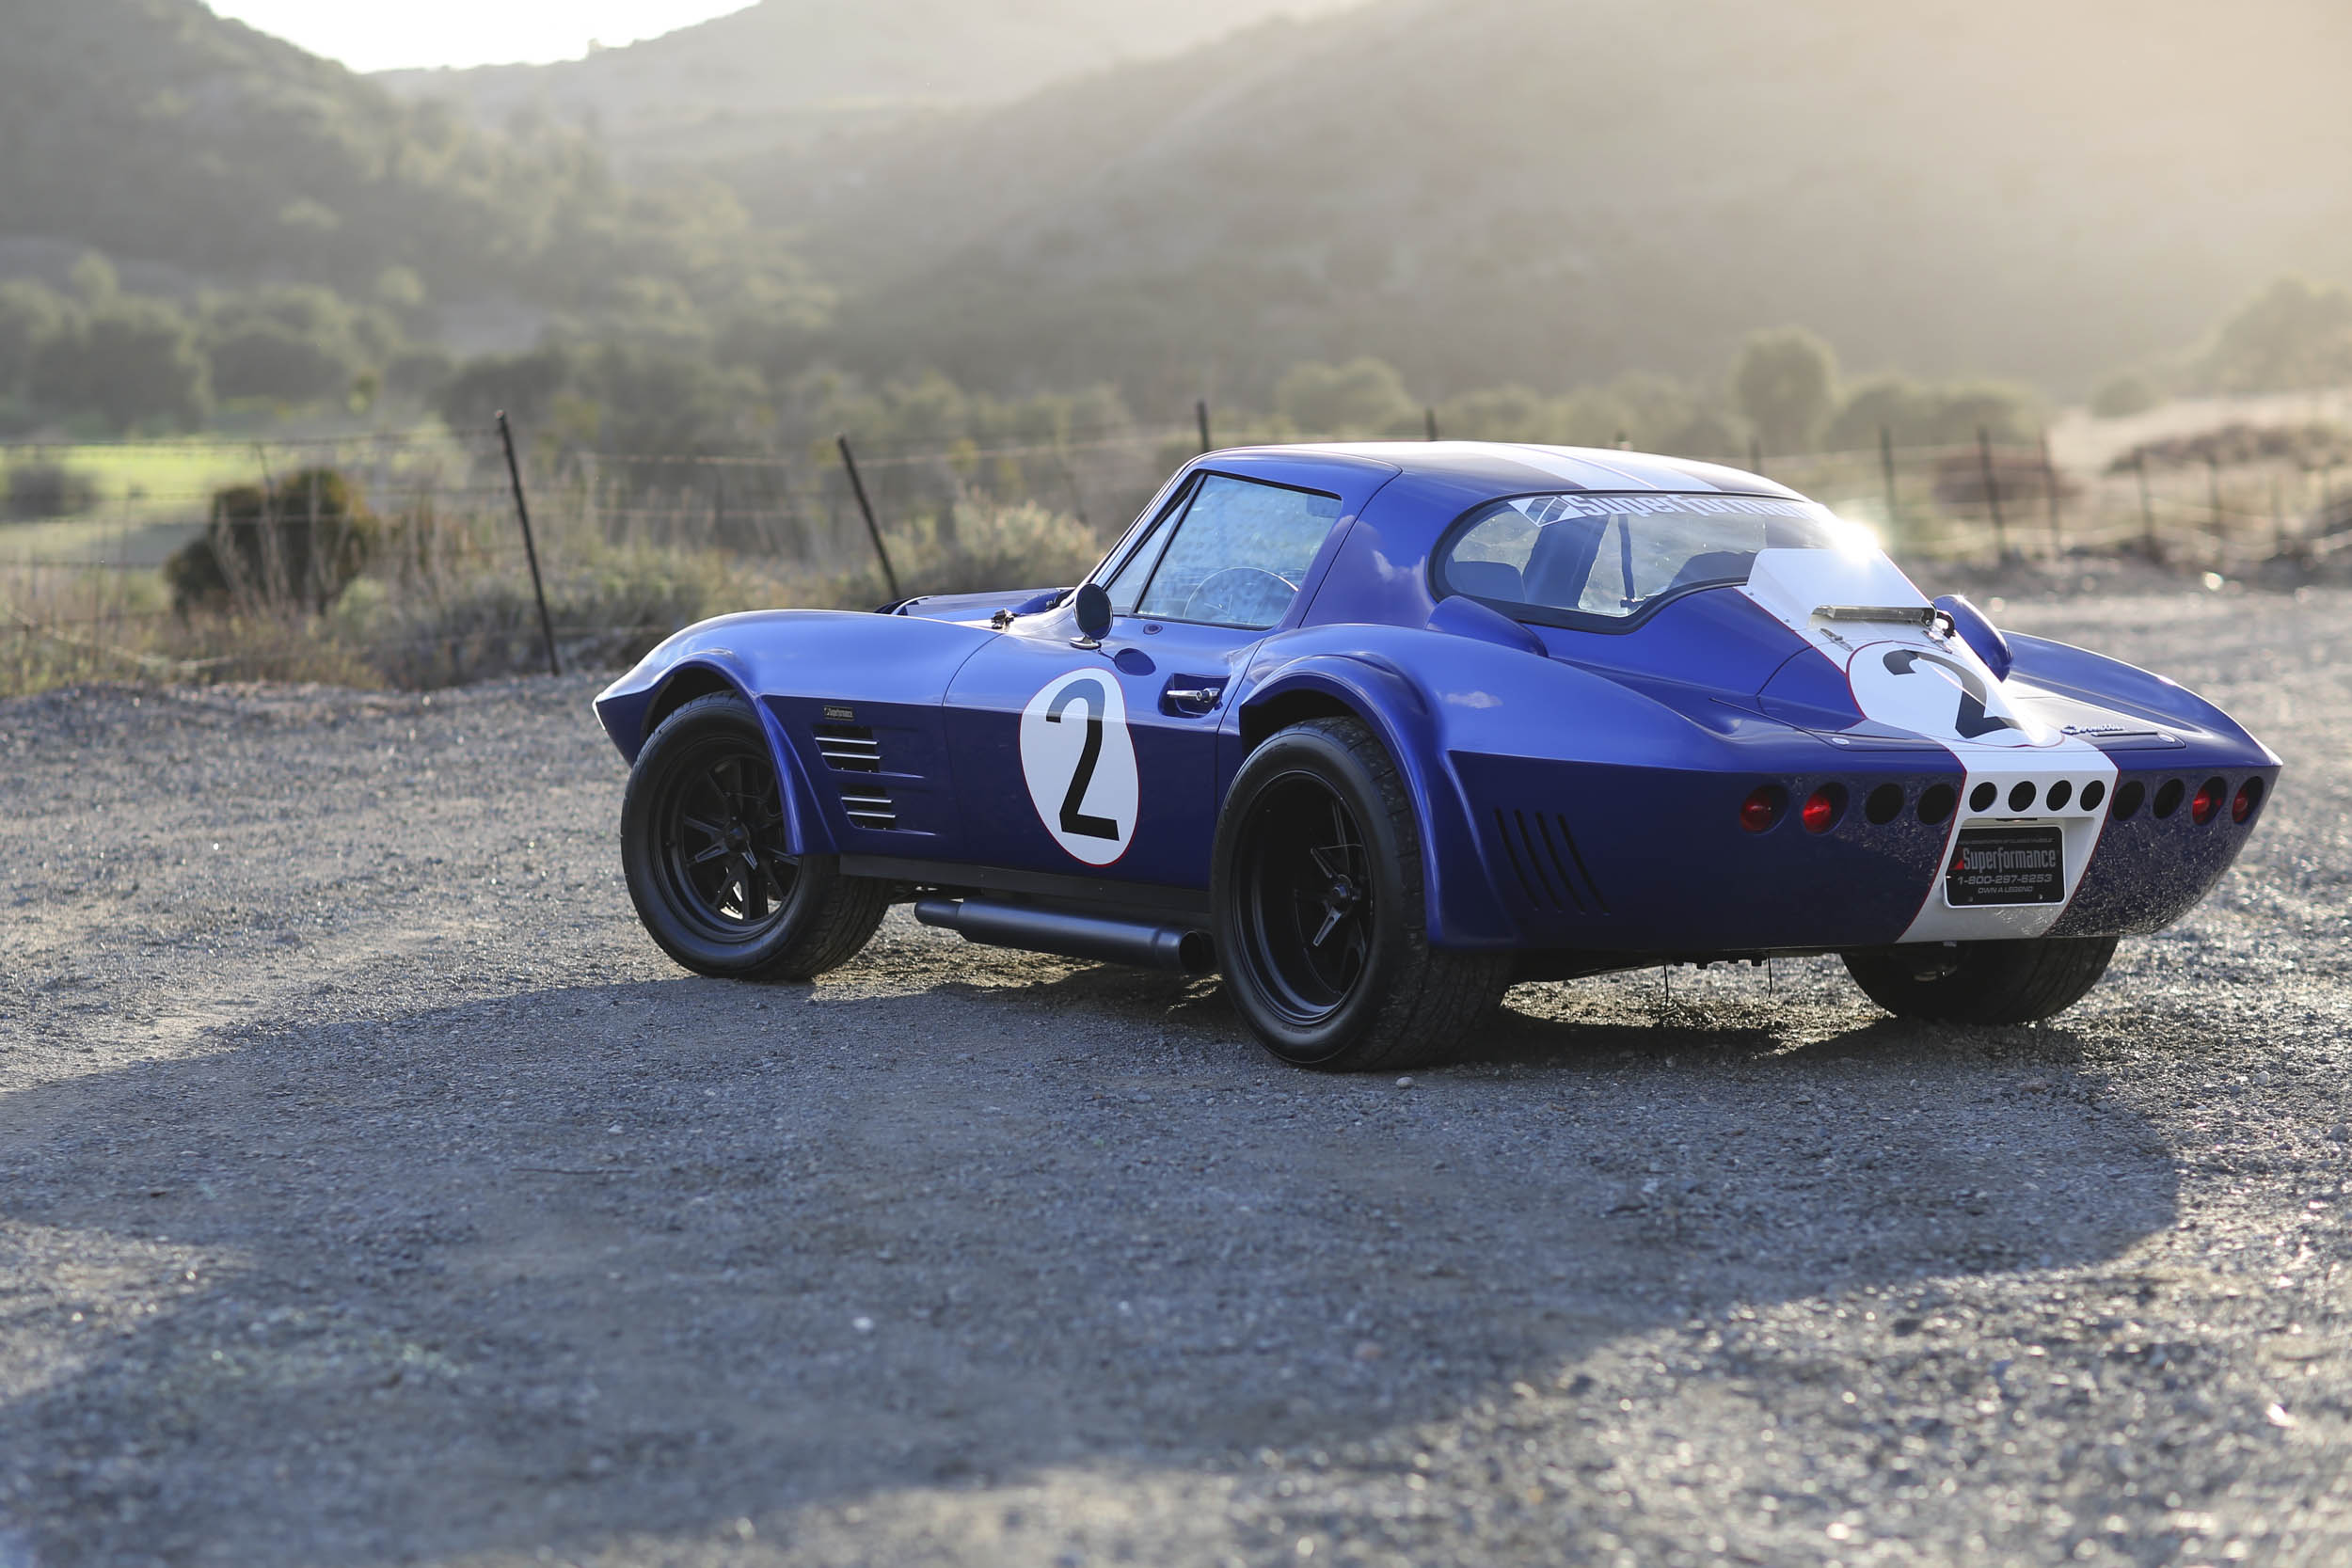 Superformance Corvette Grand Sport rear 3/4